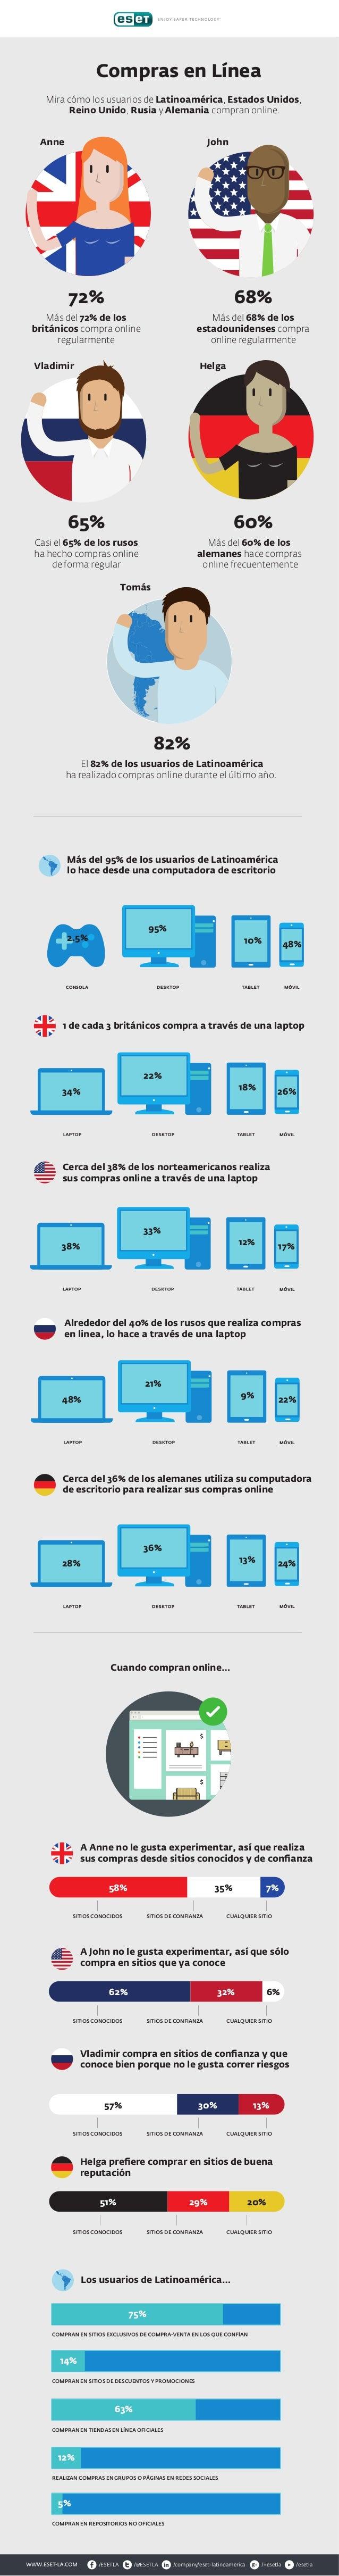 Compras en Línea Mira cómo los usuarios de Latinoamérica, Estados Unidos, Reino Unido, Rusia y Alemania compran online. Má...